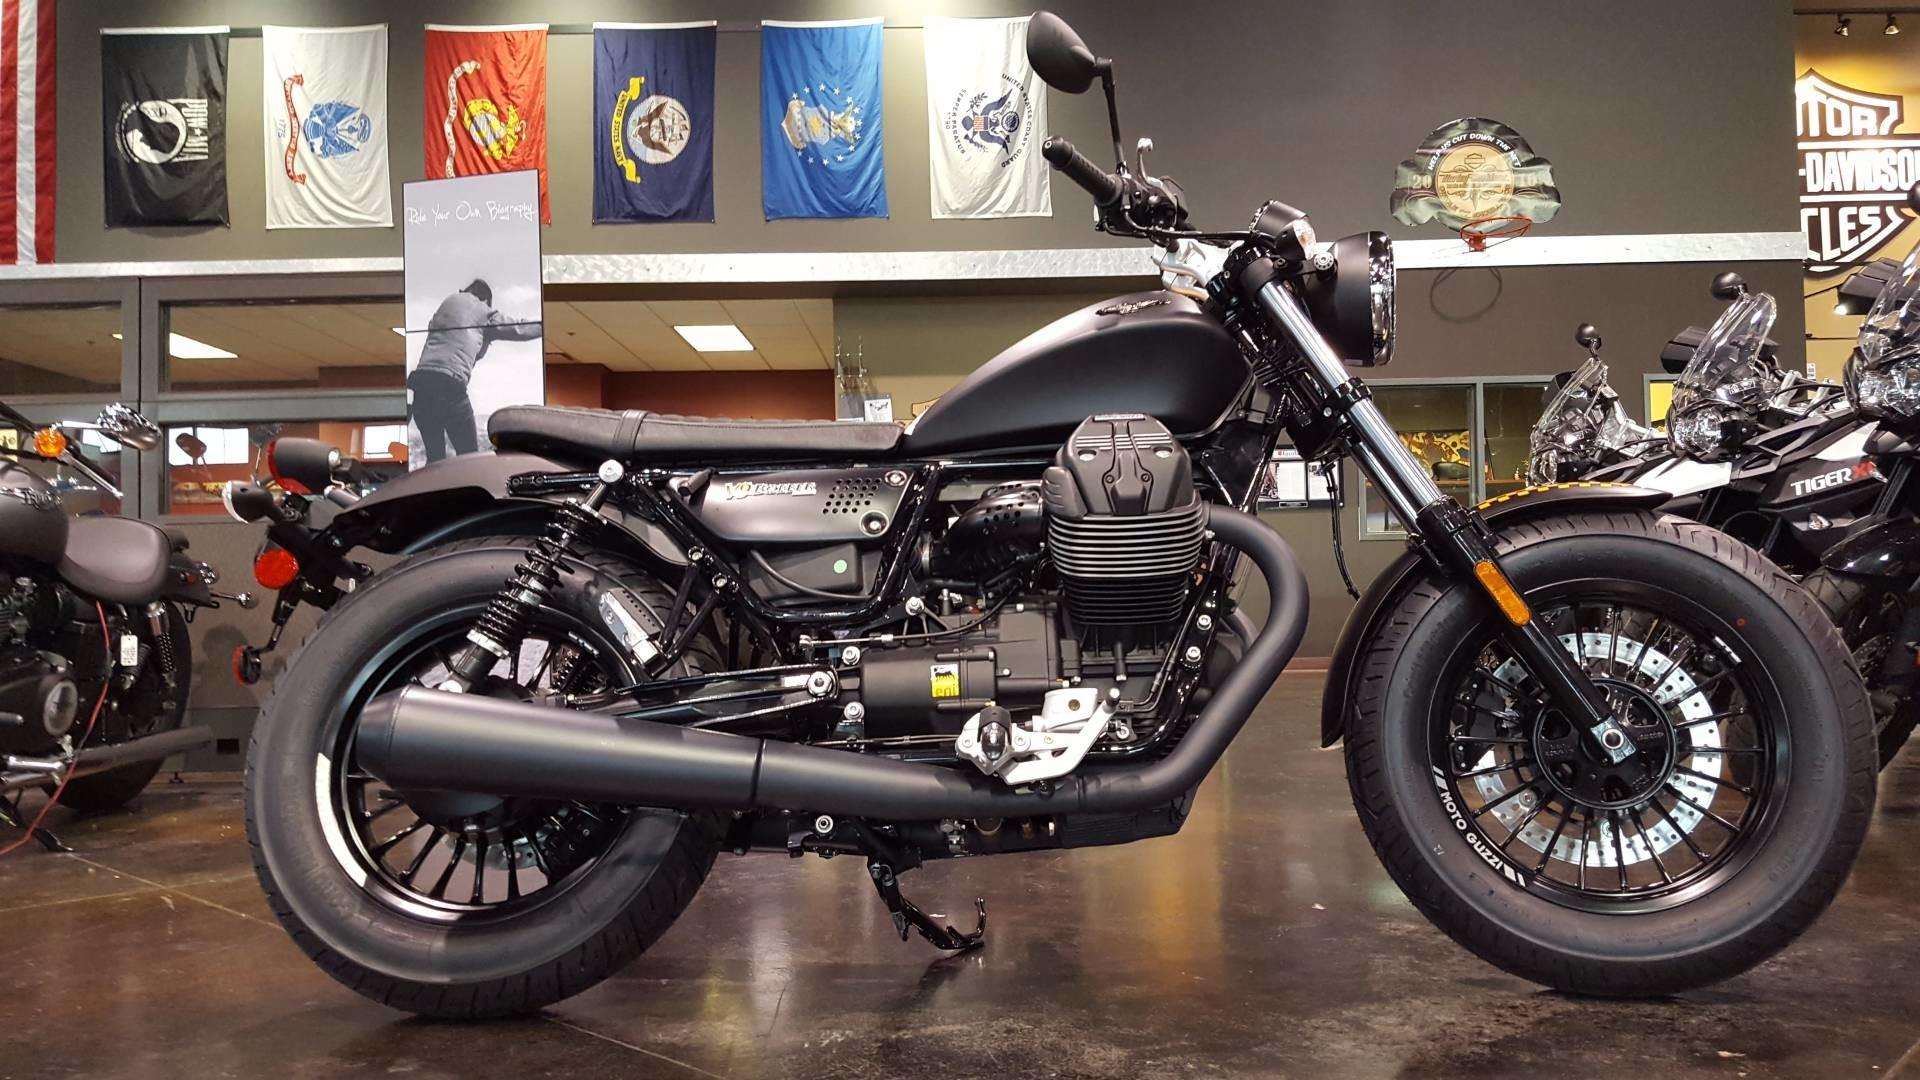 Res: 1920x1080, 2017 Moto Guzzi V9 Bobber in Saint Charles, Illinois